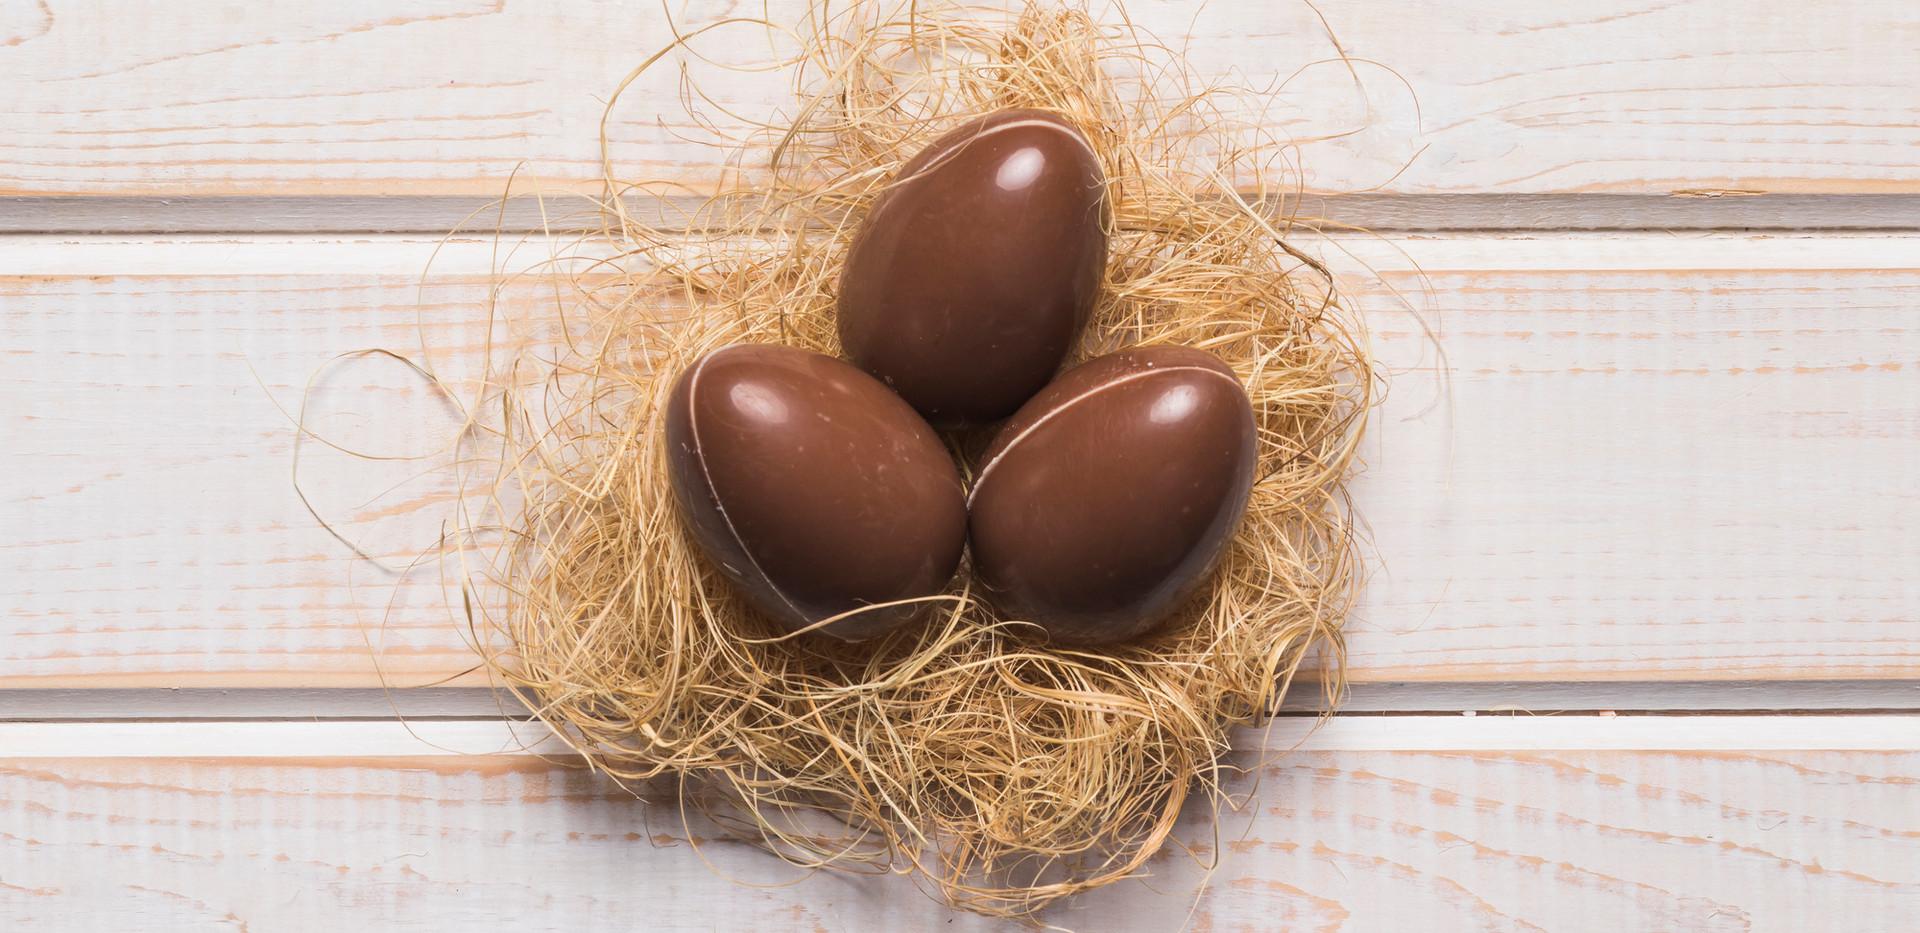 huevos chocolate con leche